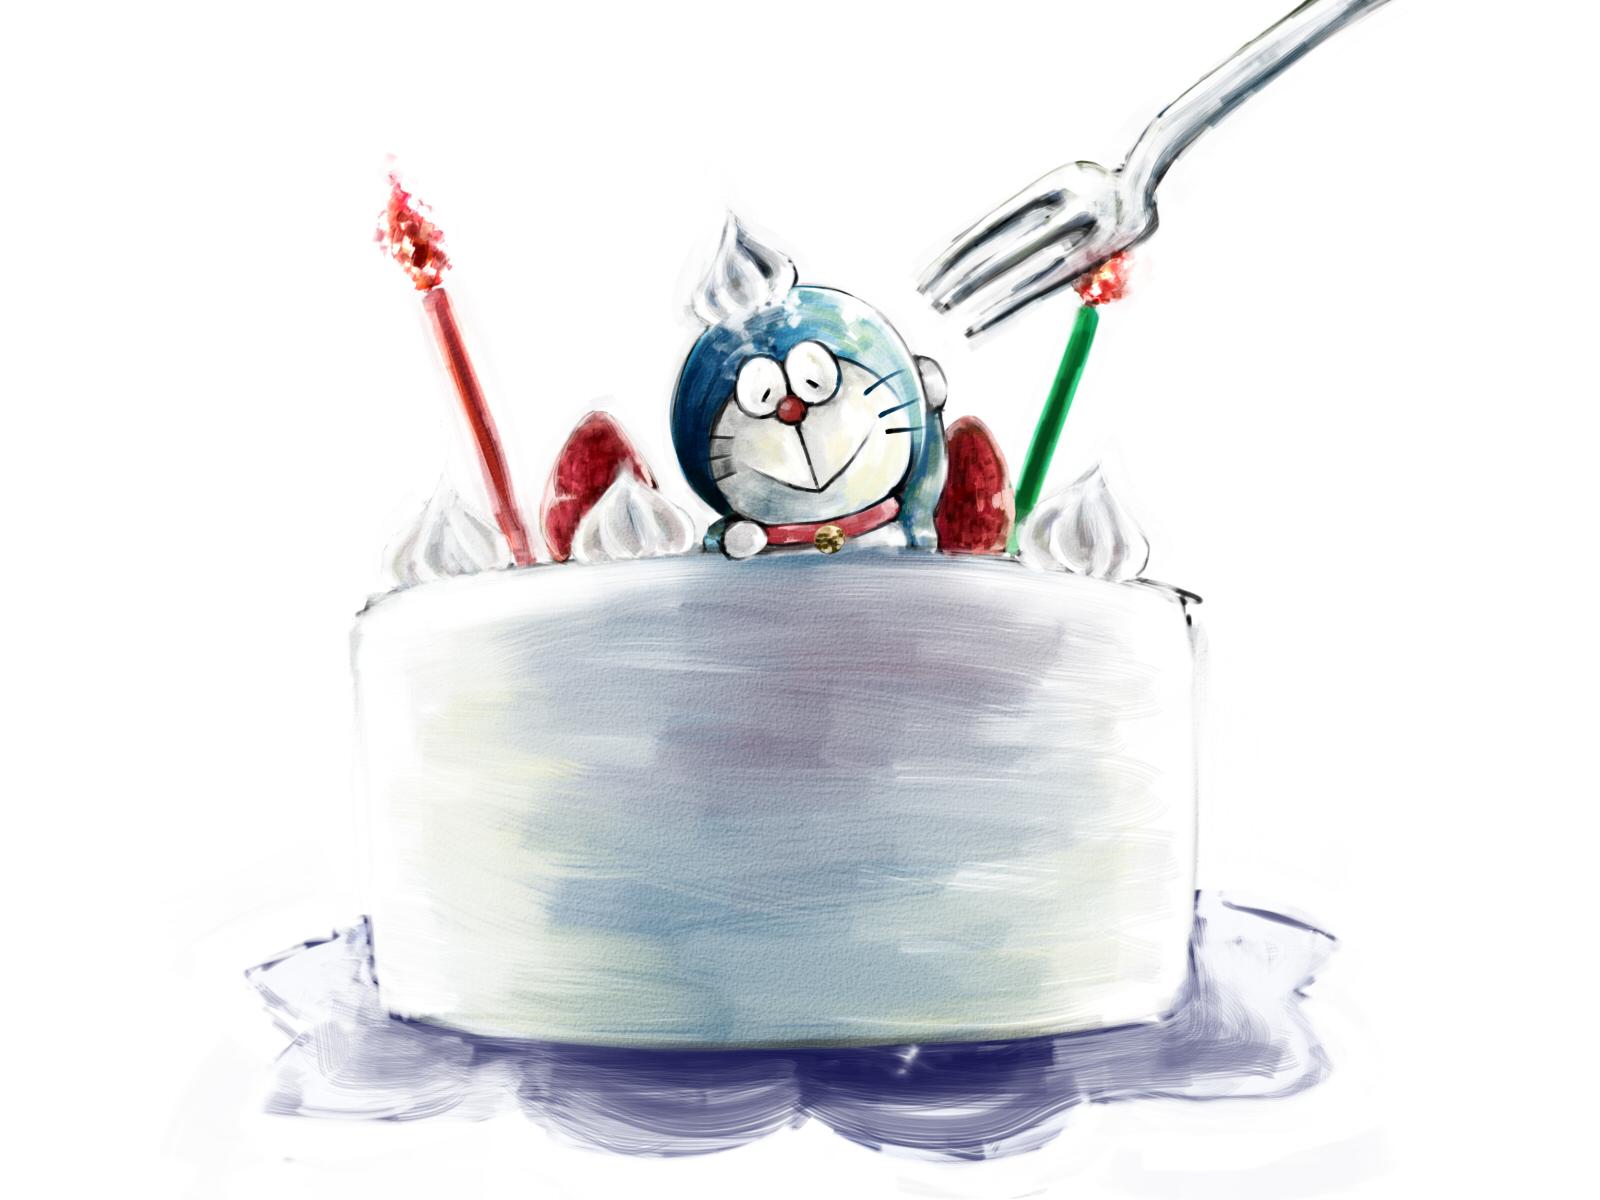 Hình ảnh Doraemon trên chiếc bánh kem